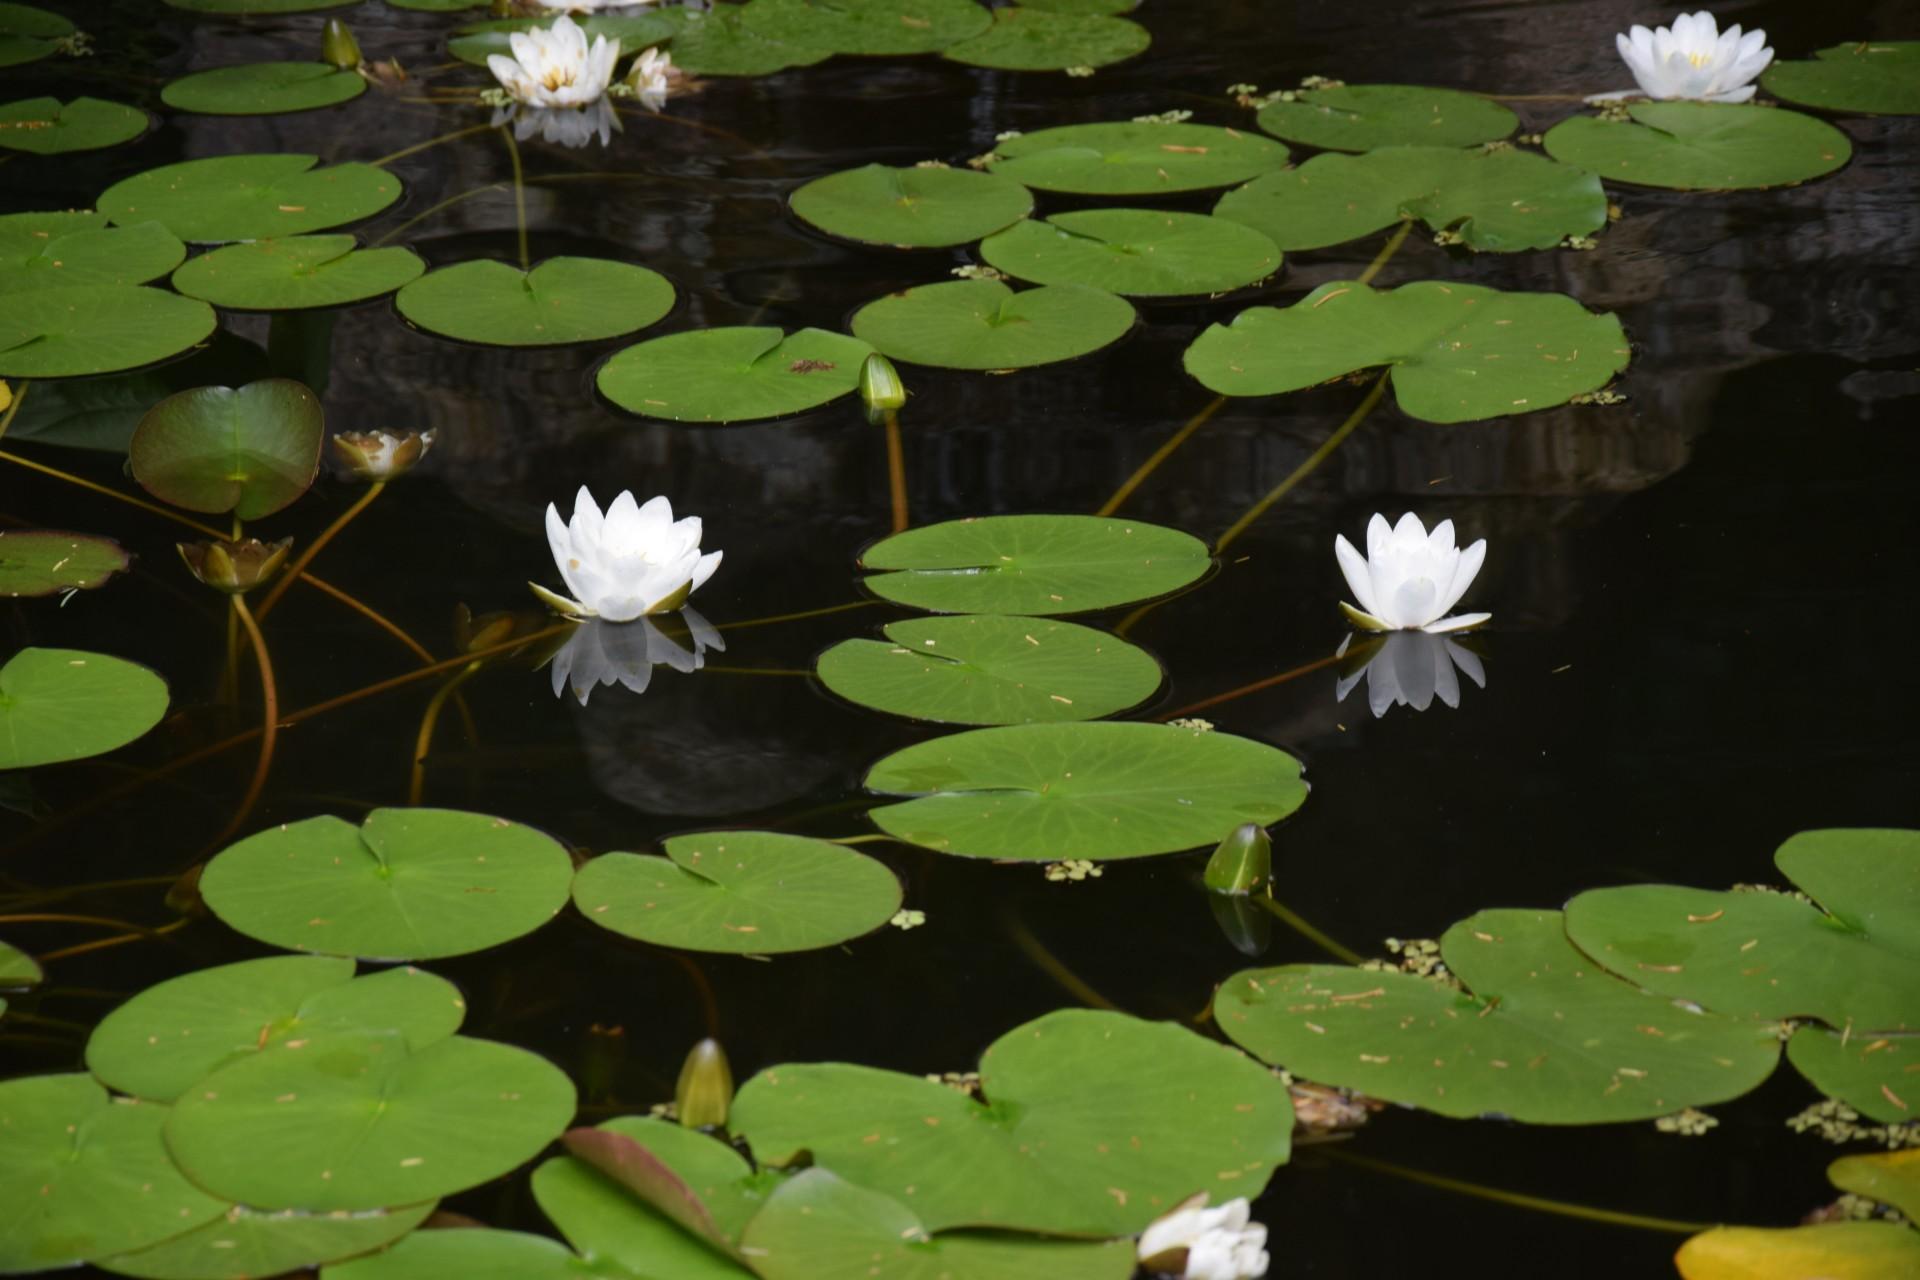 Gołubie. Ogród Botaniczny, rośliny ozdobne, lecznicze, arboretum 2